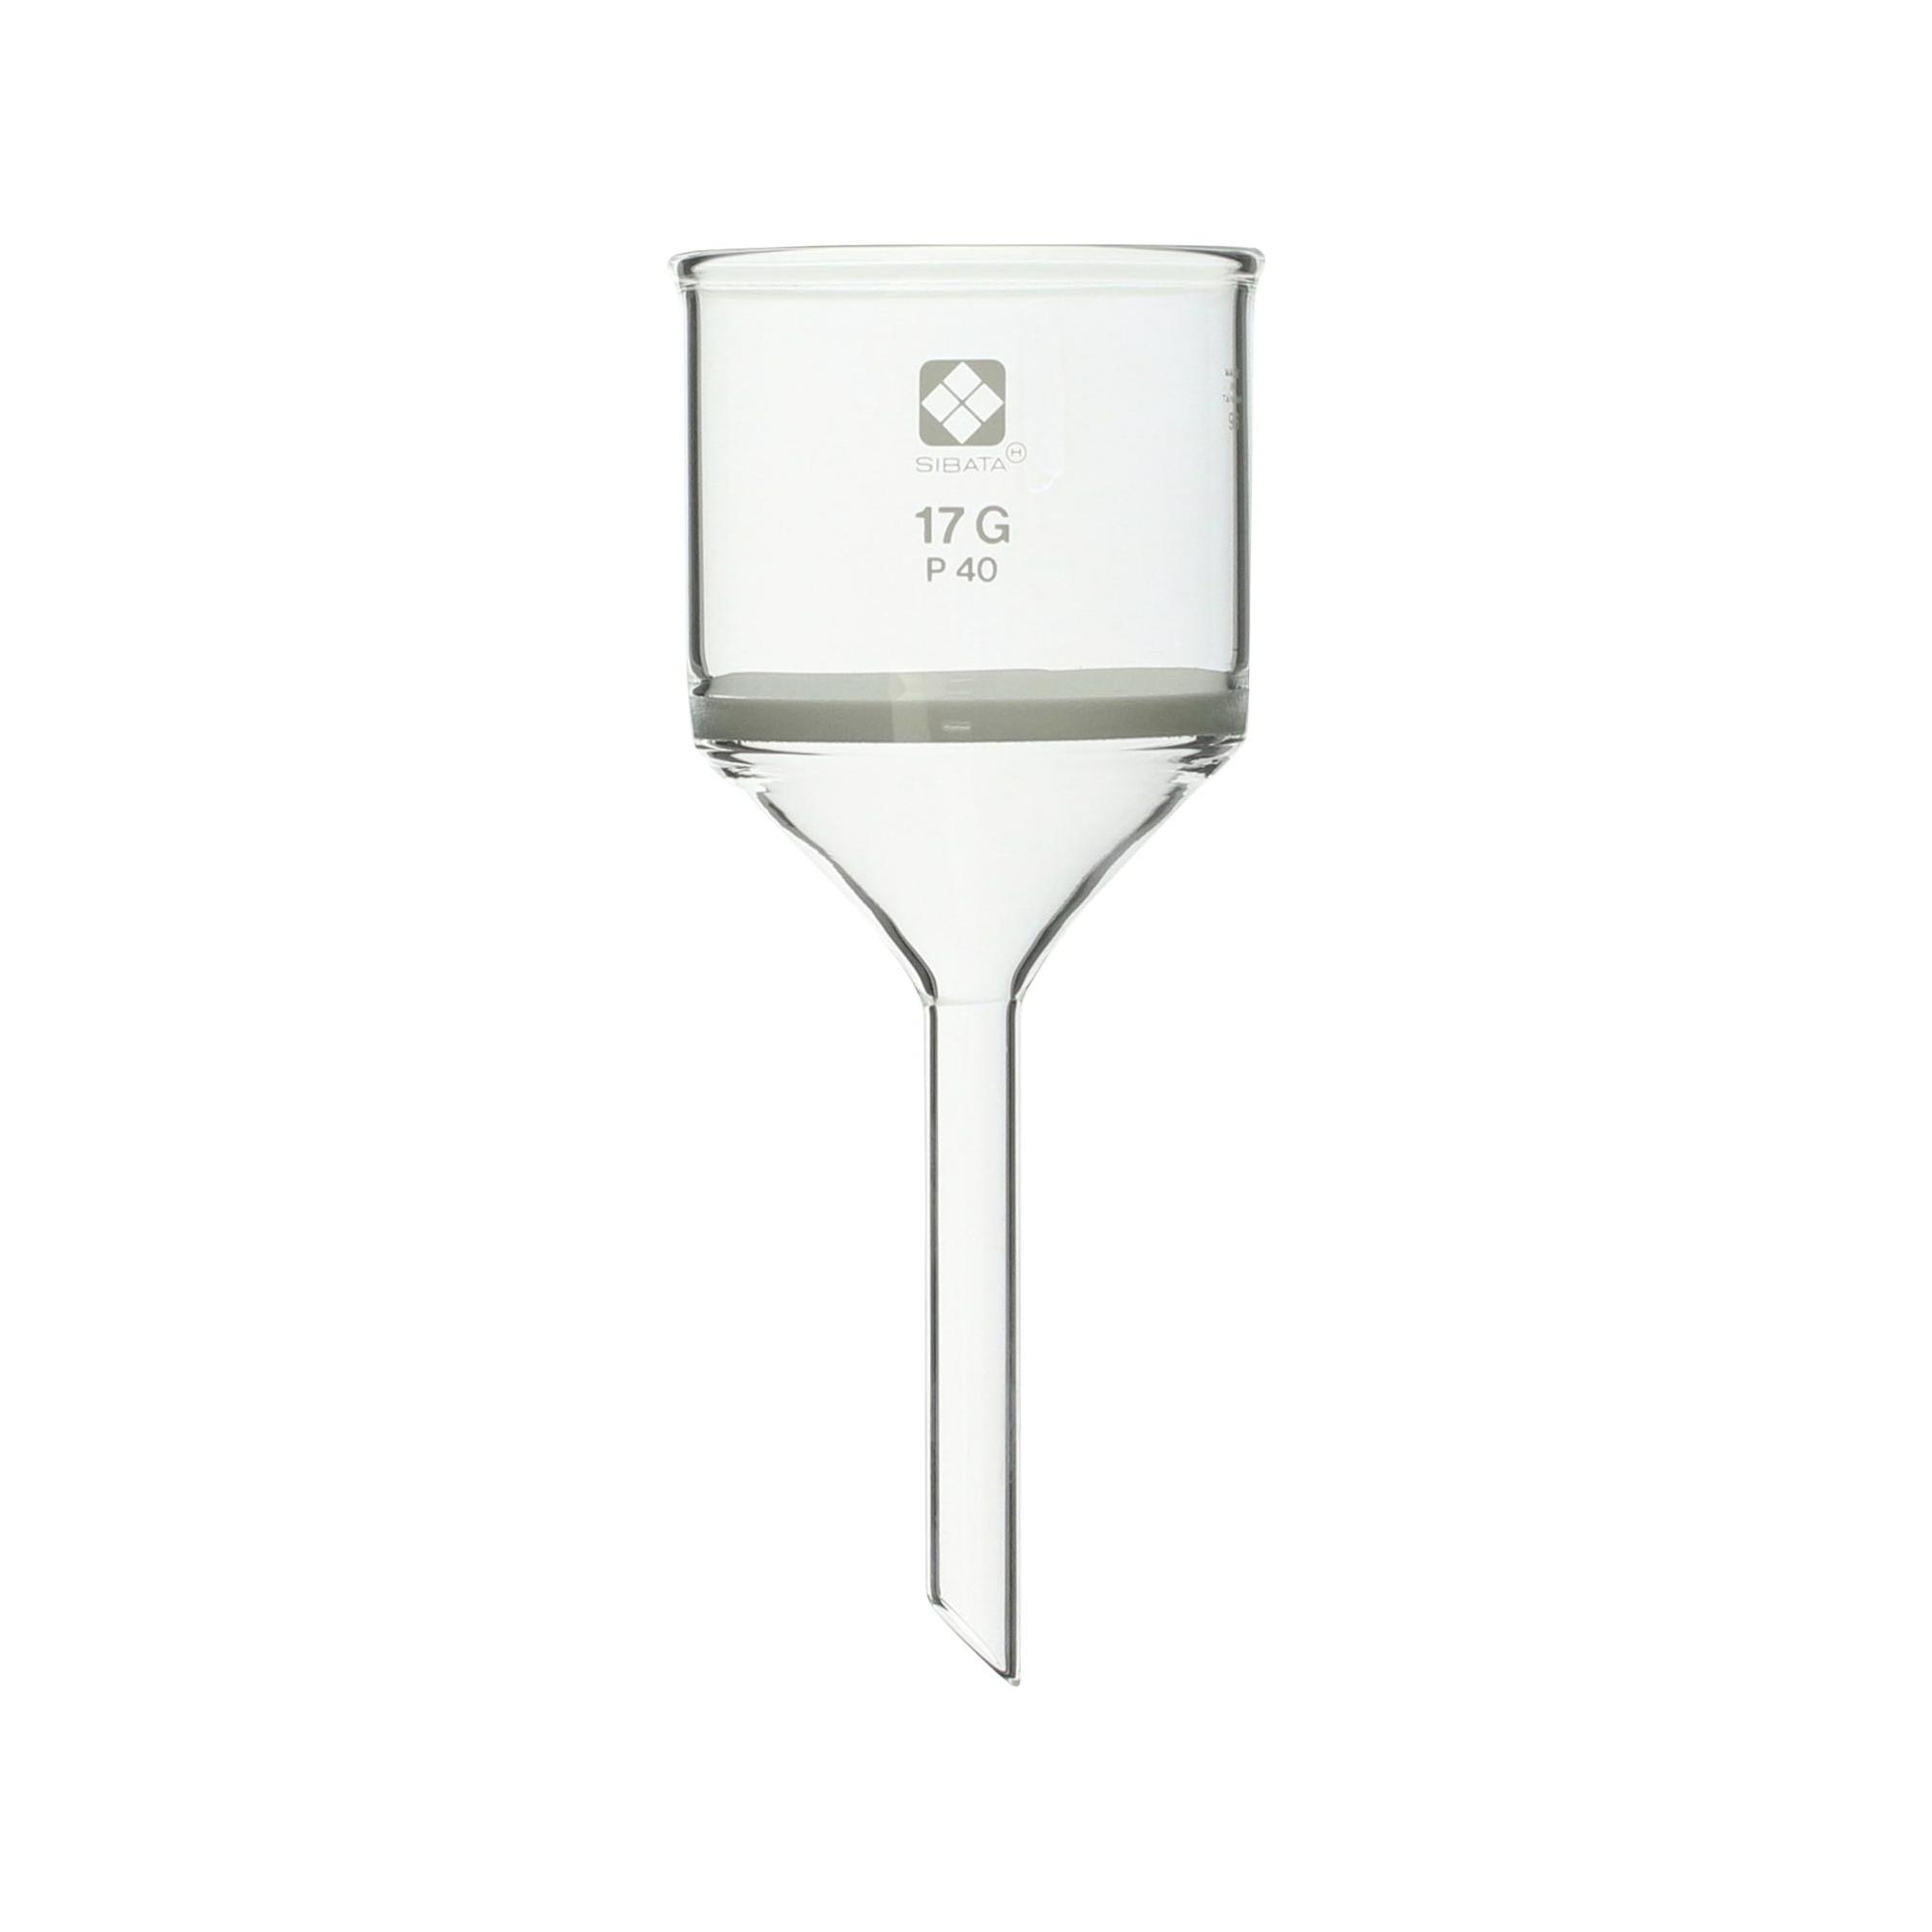 013110-1740 ガラスろ過器 17G 円筒ロート形 17GP40 柴田科学(SIBATA)